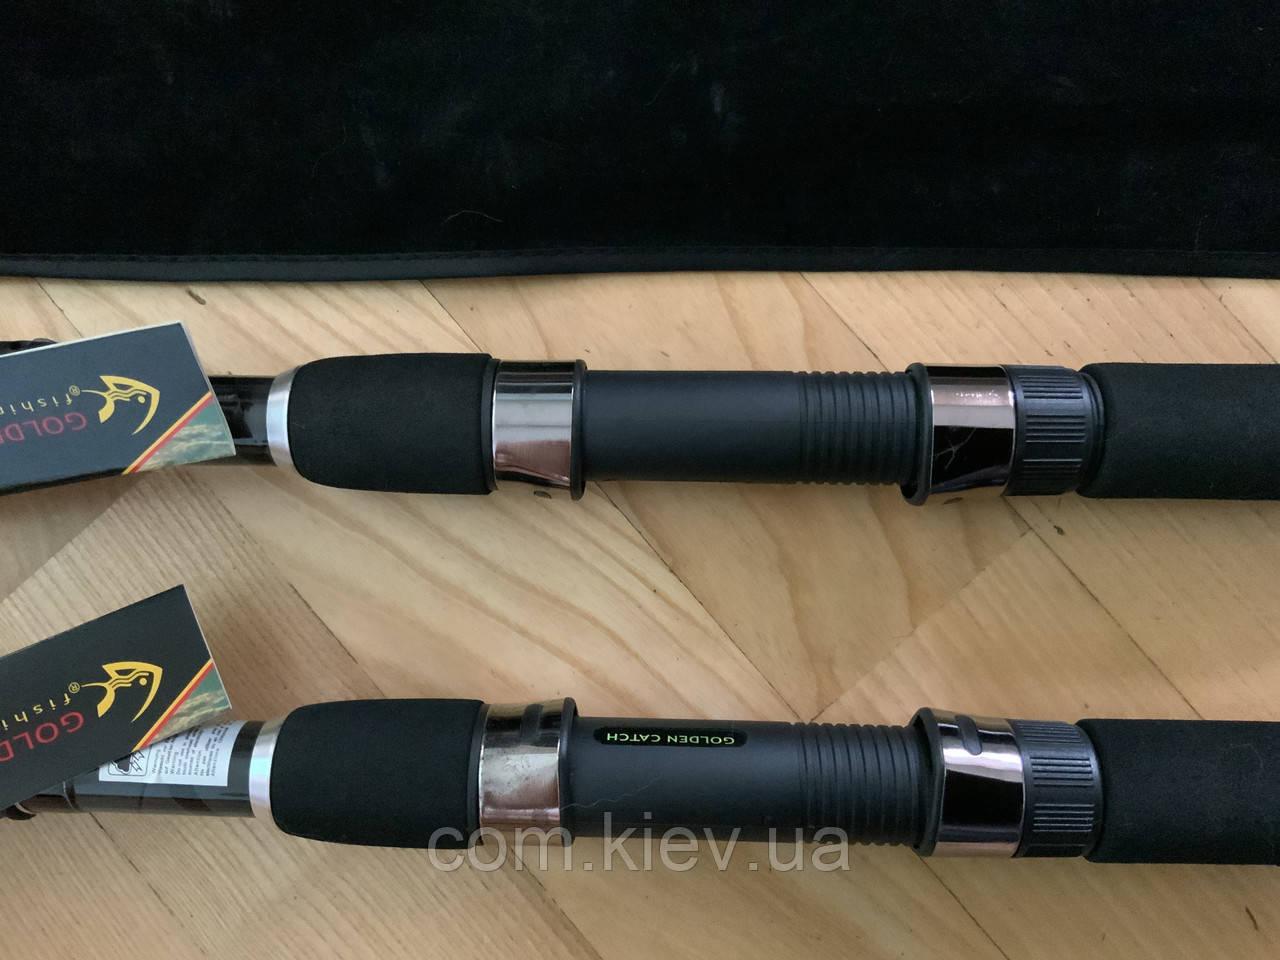 Карповое телескопическое удилище Tele Carp 3.0lbs 3.6 м  Golden Catch